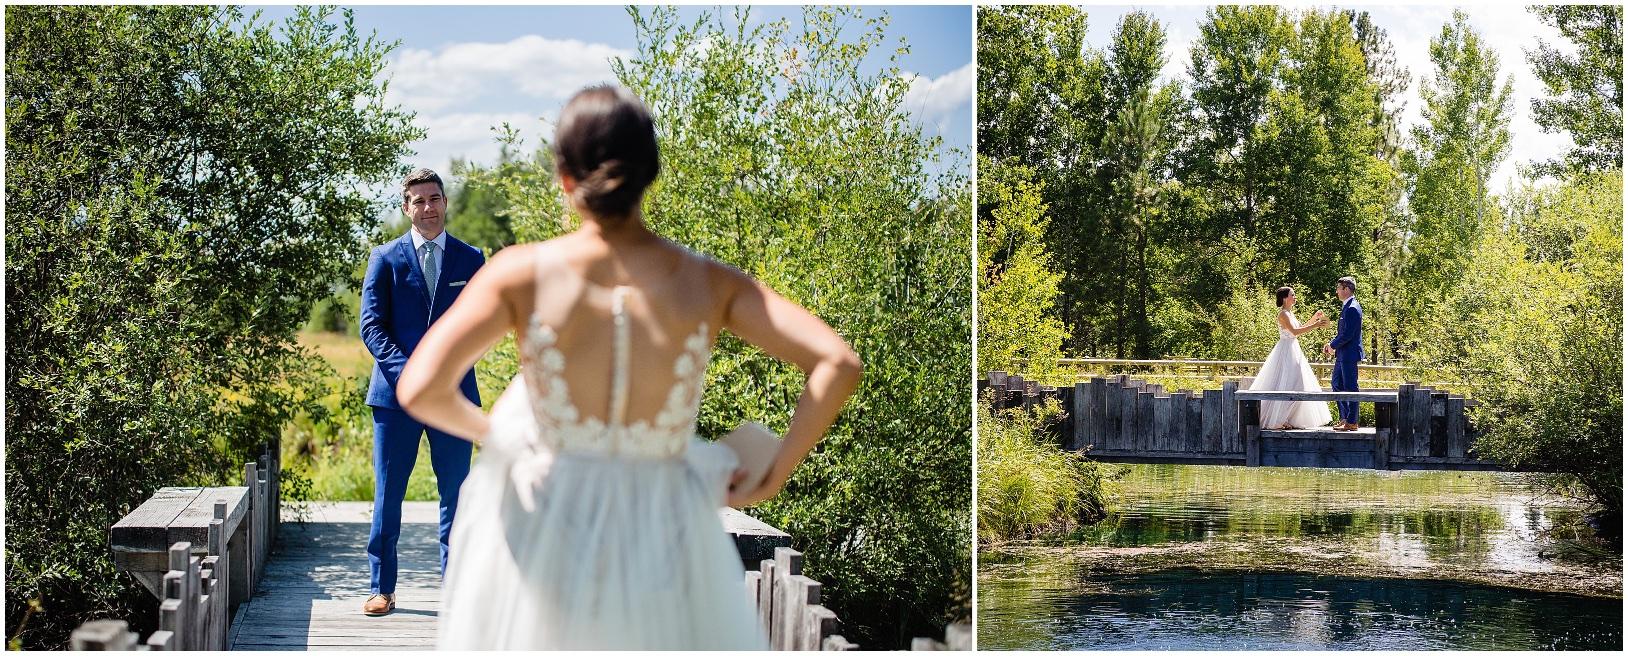 lindseyjane_weddings0023.jpg